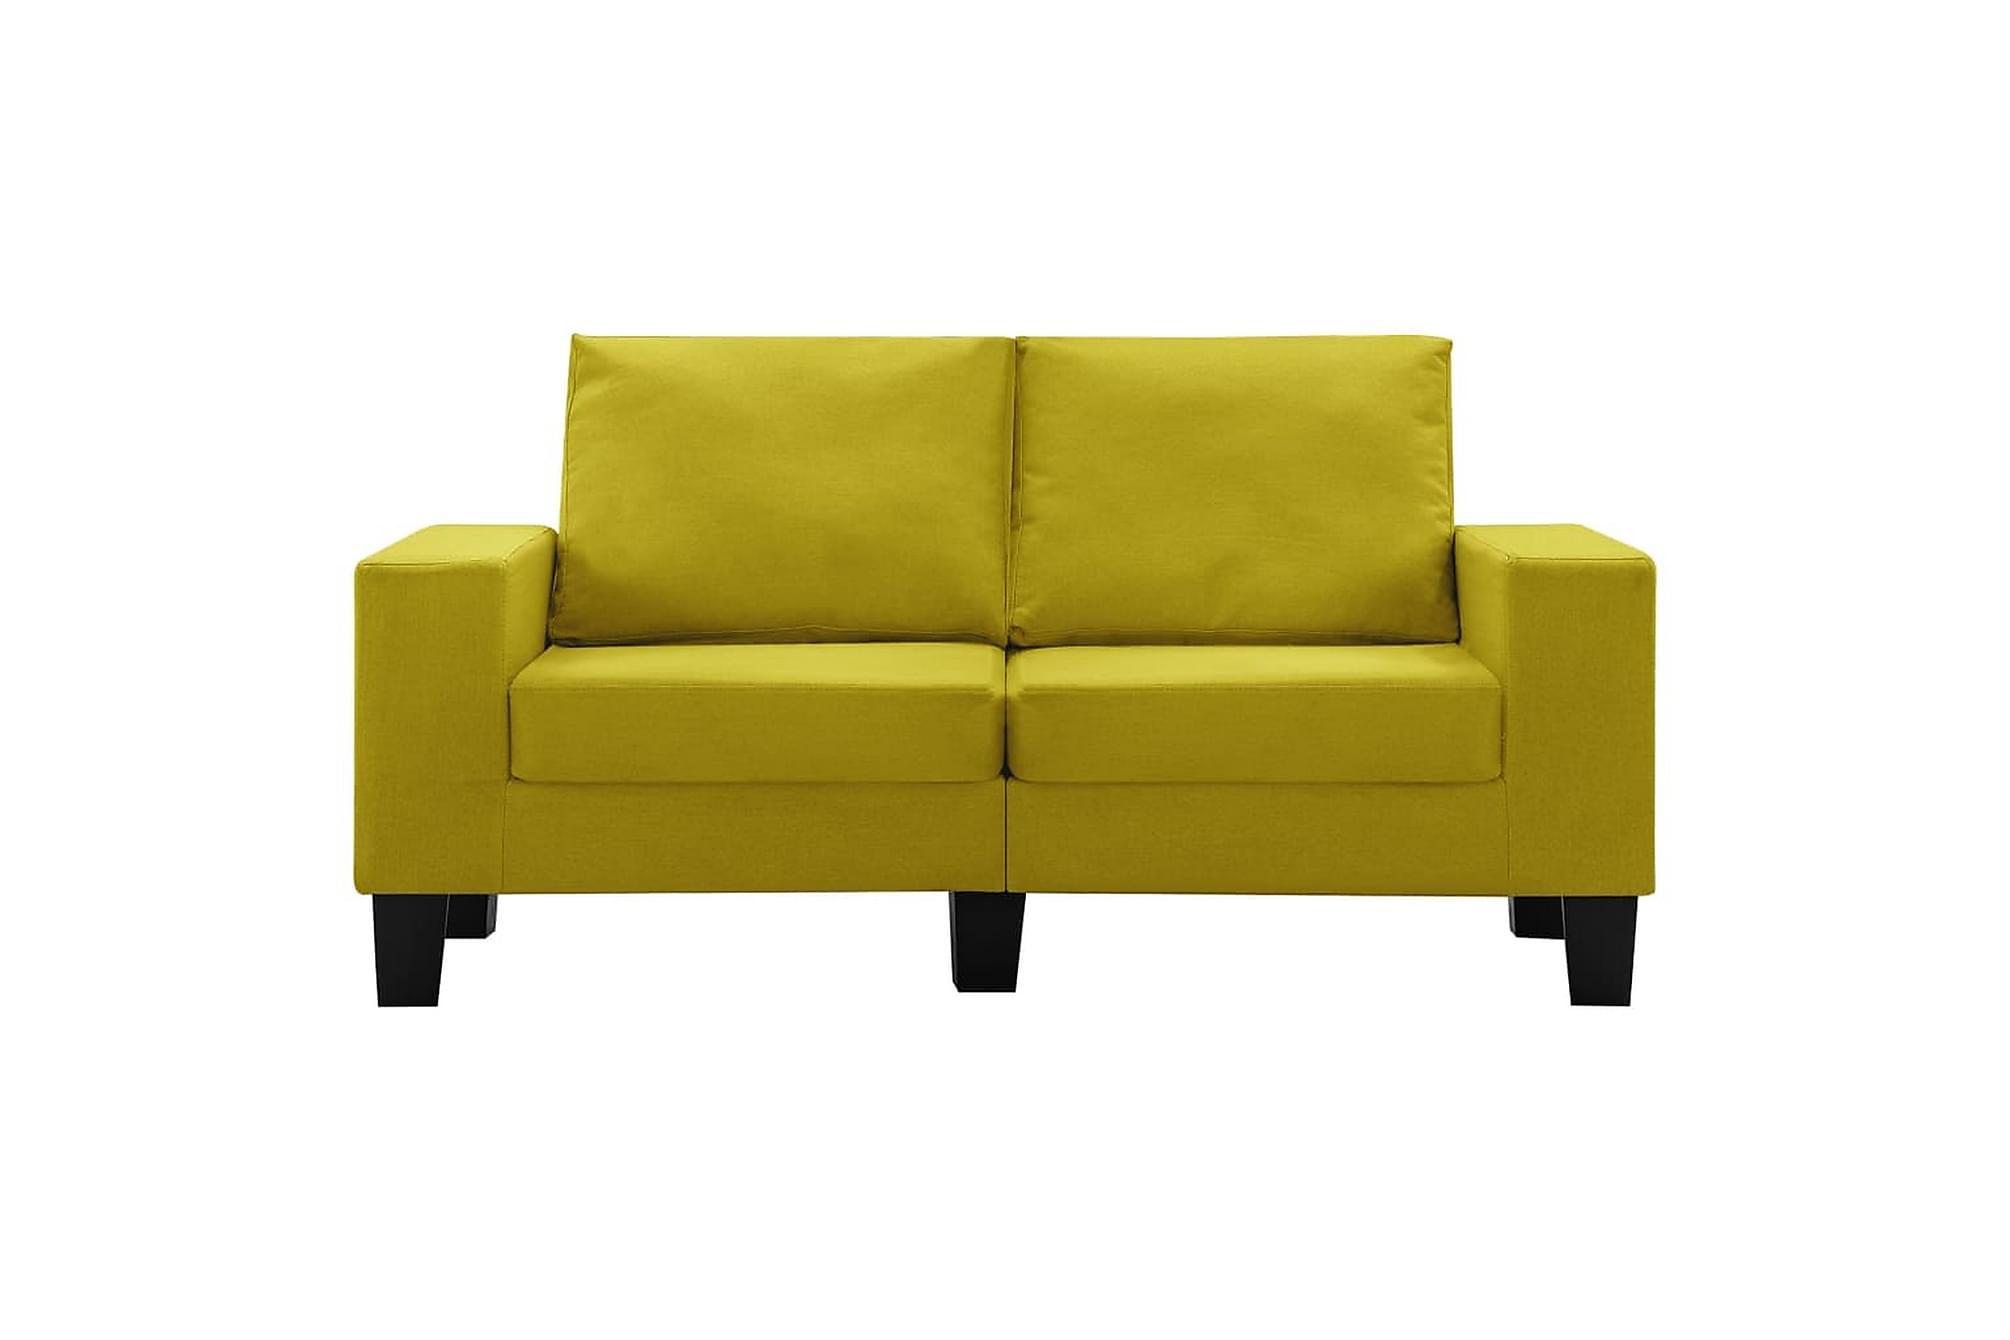 2-sitssoffa gul tyg, Soffor